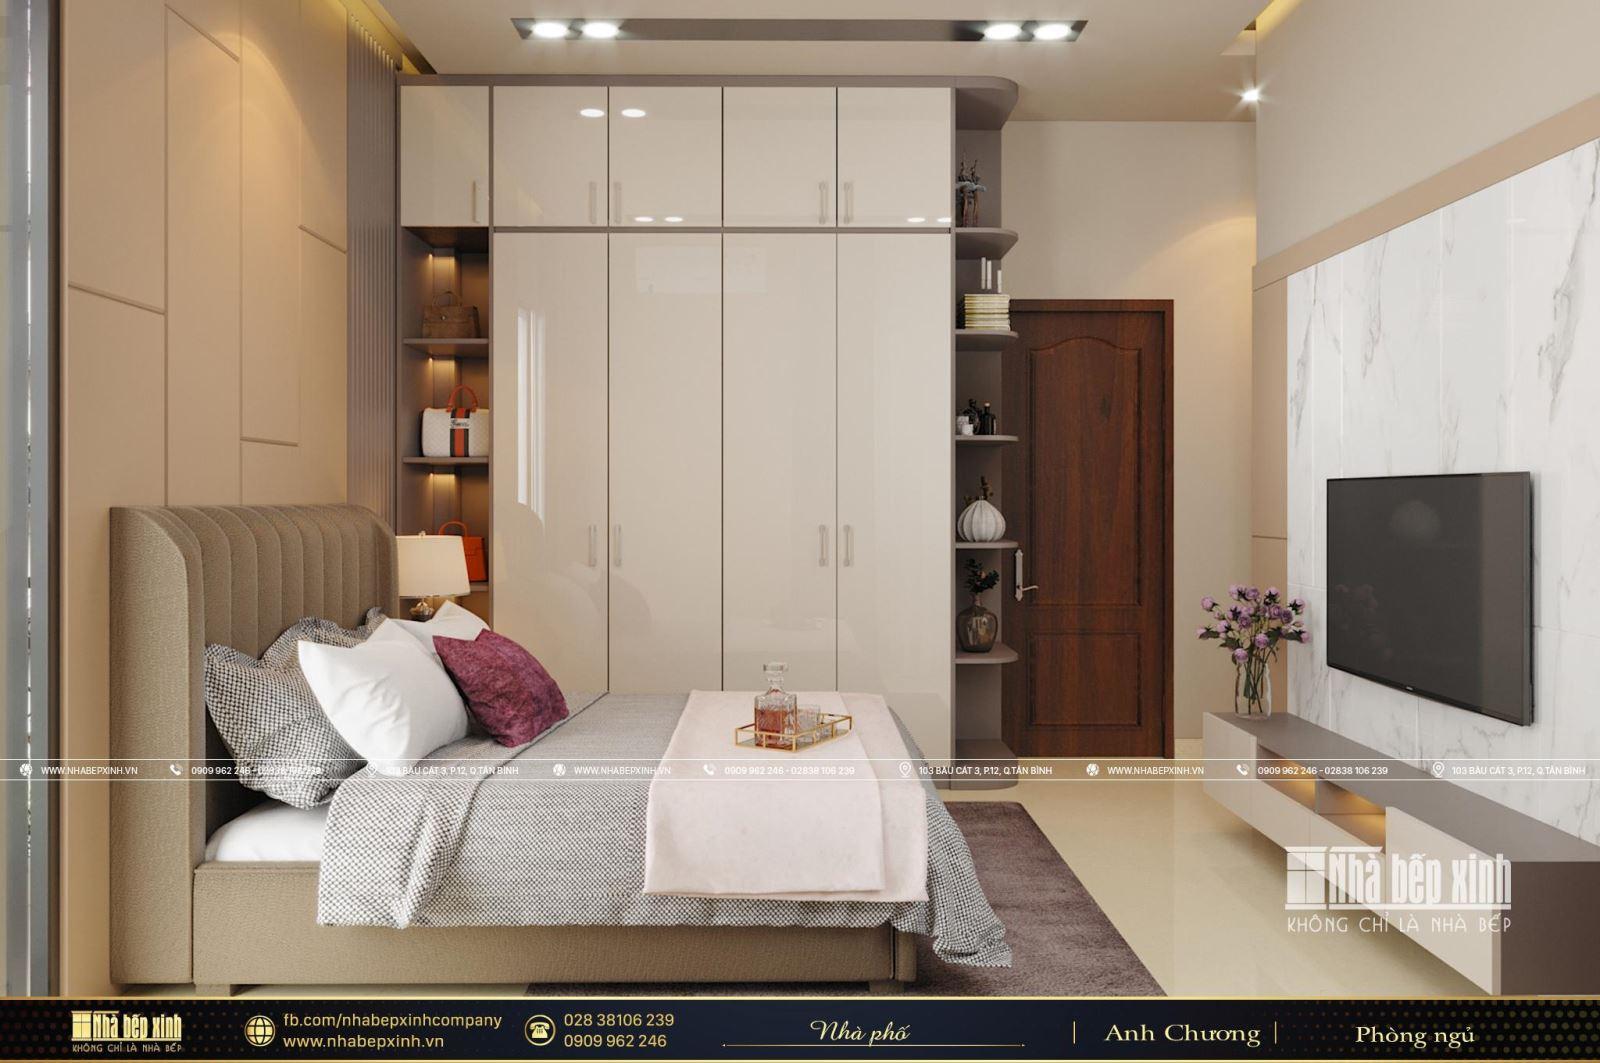 Thiết kế nội thất nguyên căn đẹp và hiện đại tại Vĩnh Long